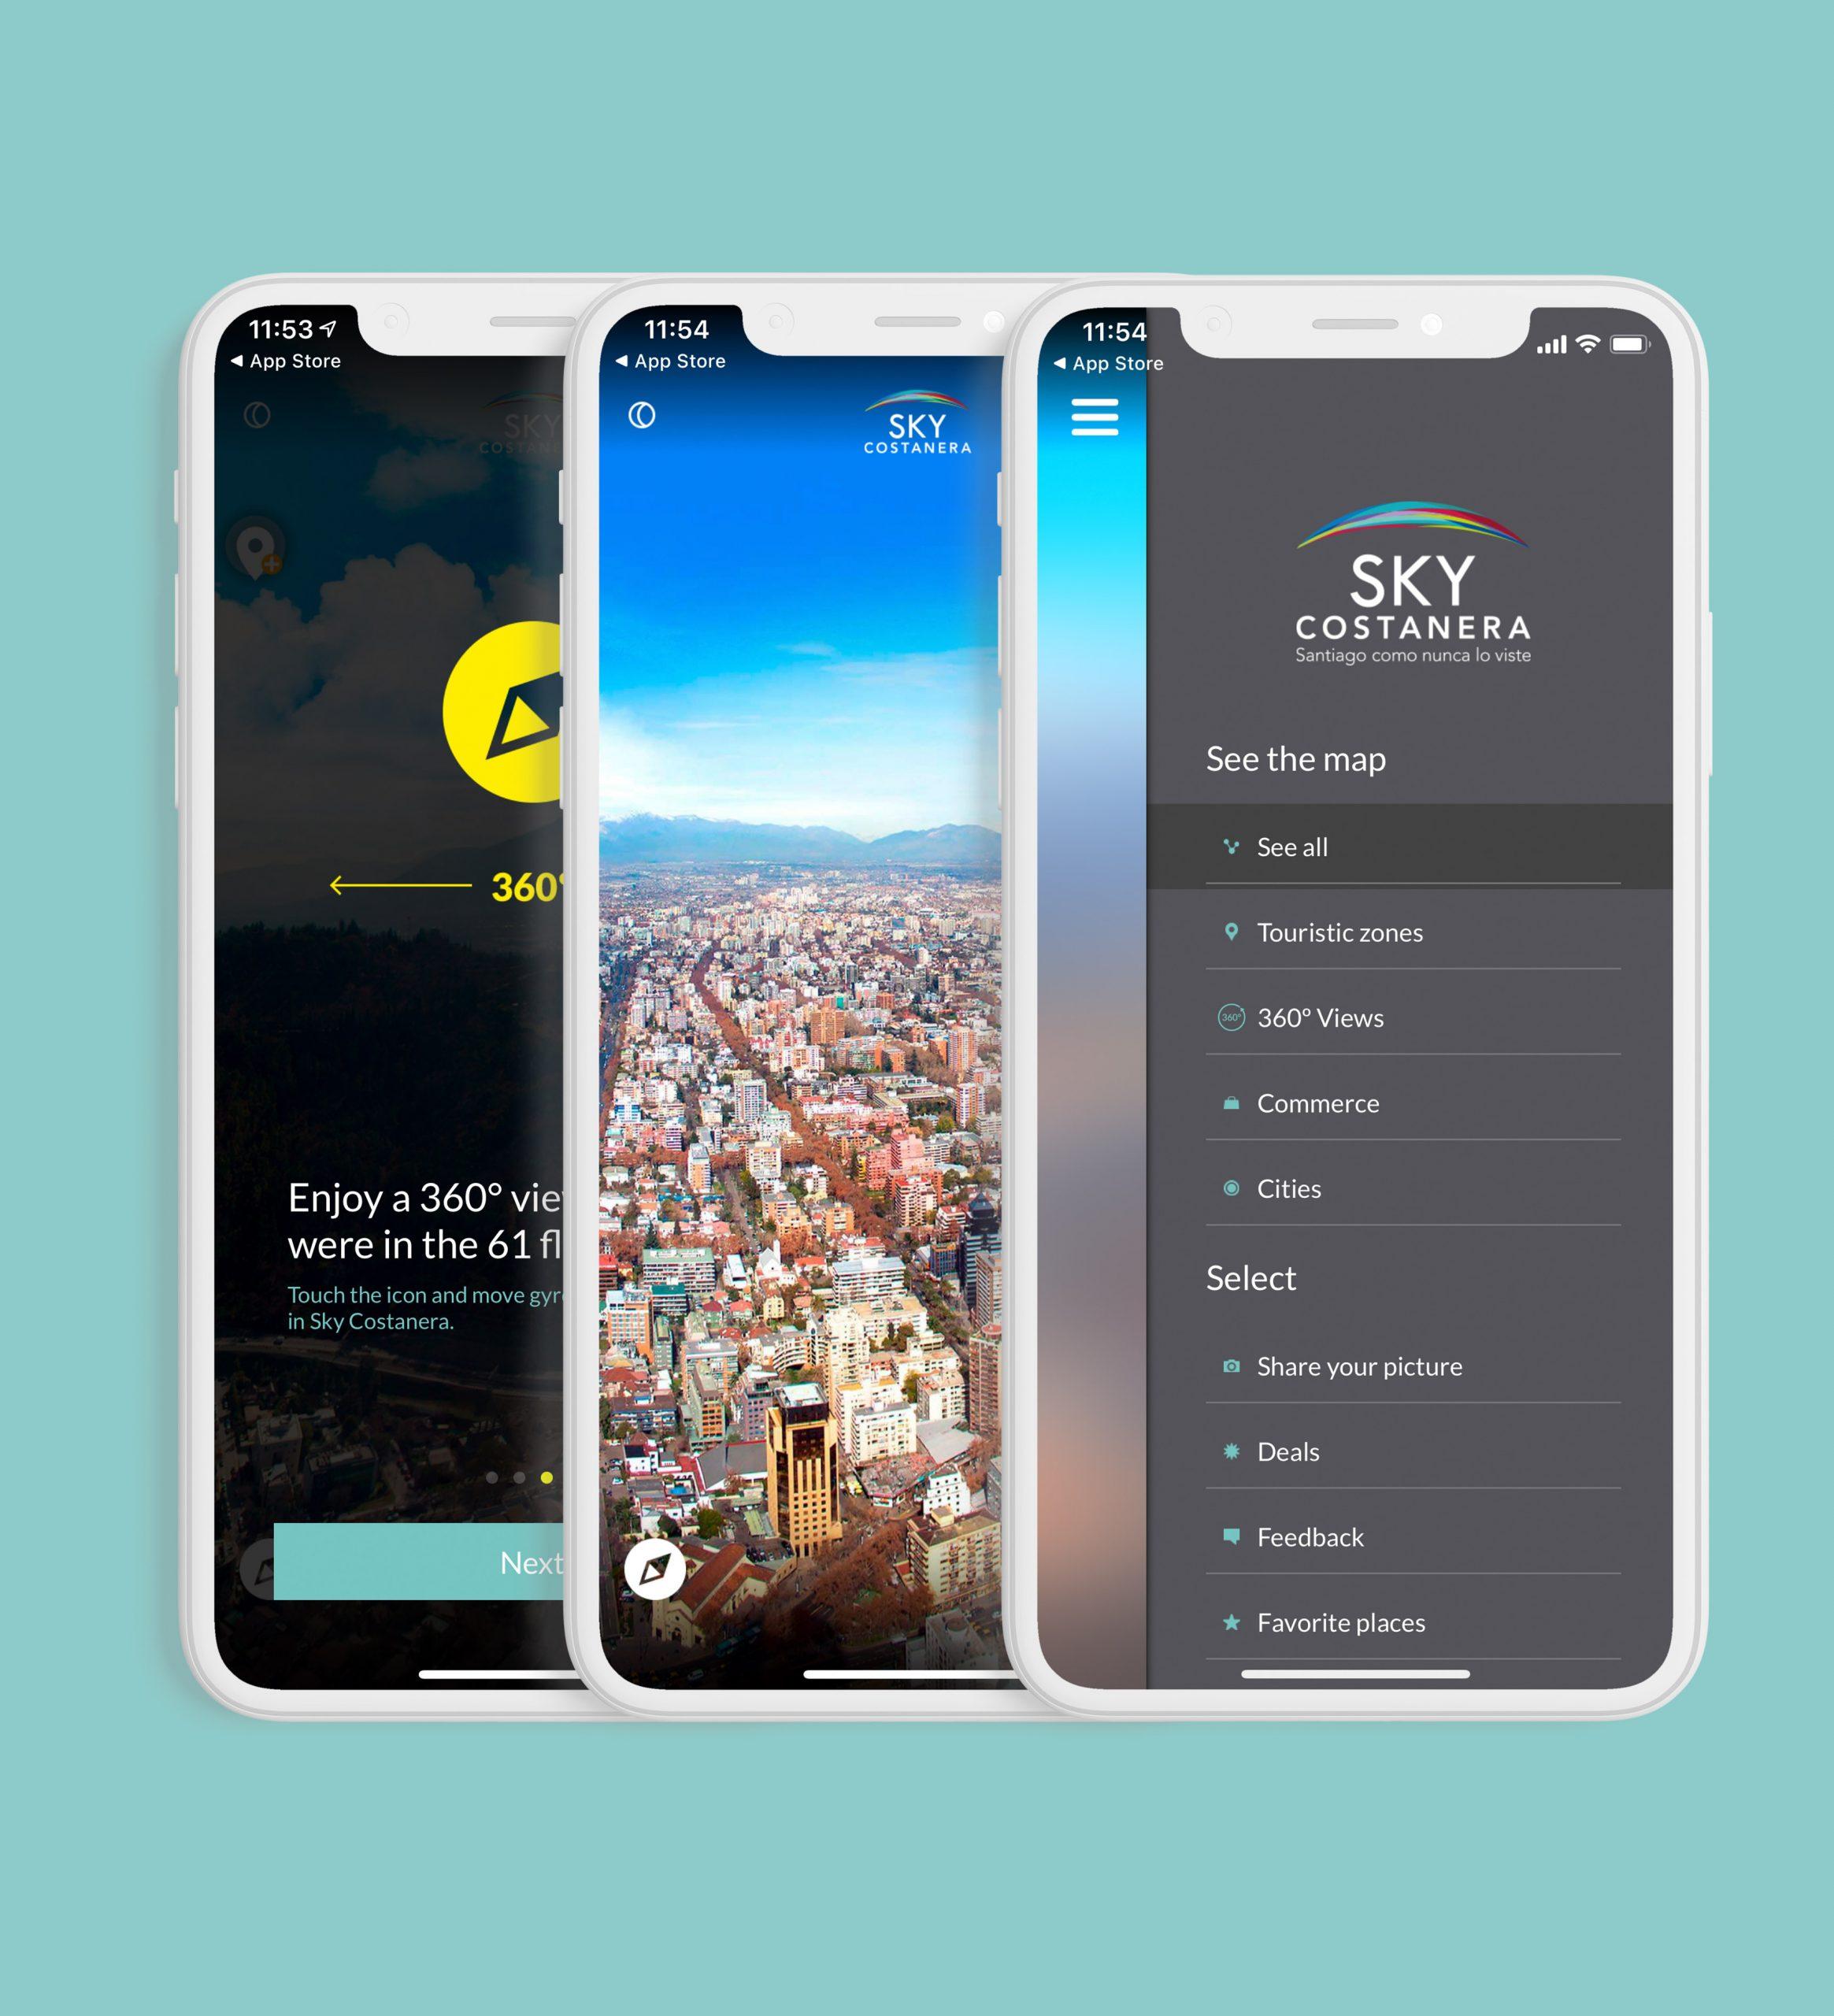 tres smartphones con aplicación Sky Costanera